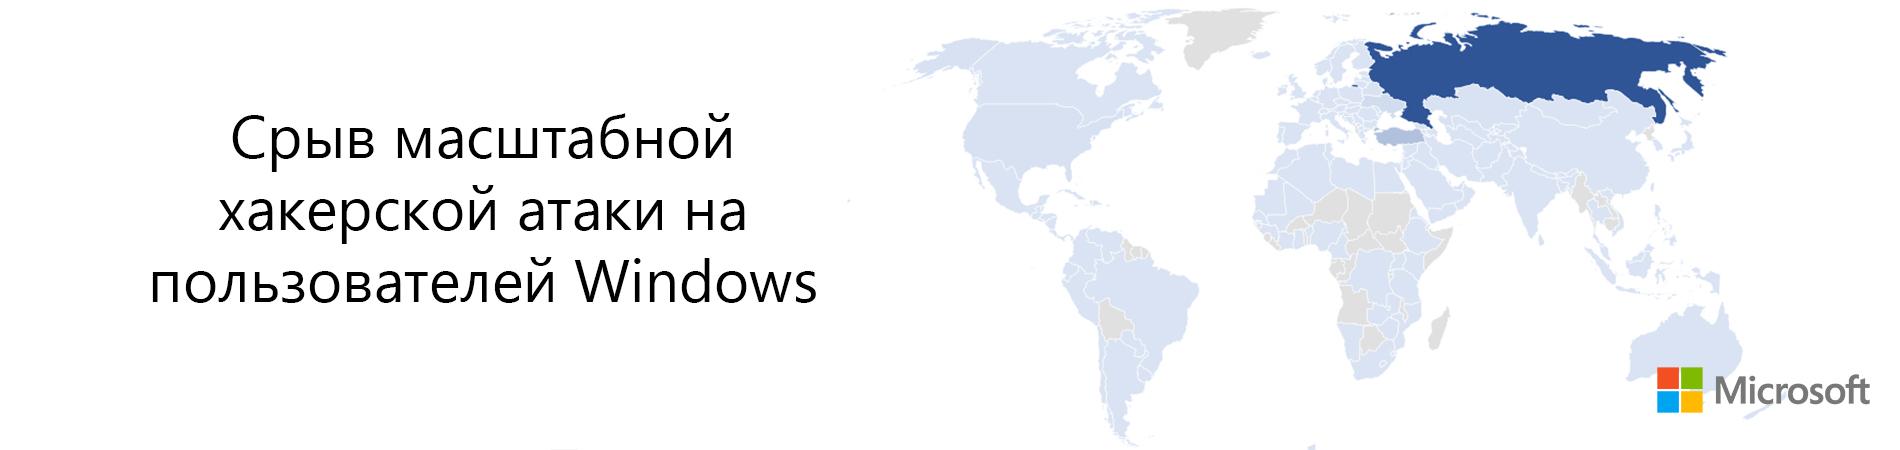 Срыв масштабной хакерской атаки на пользователей Windows в России